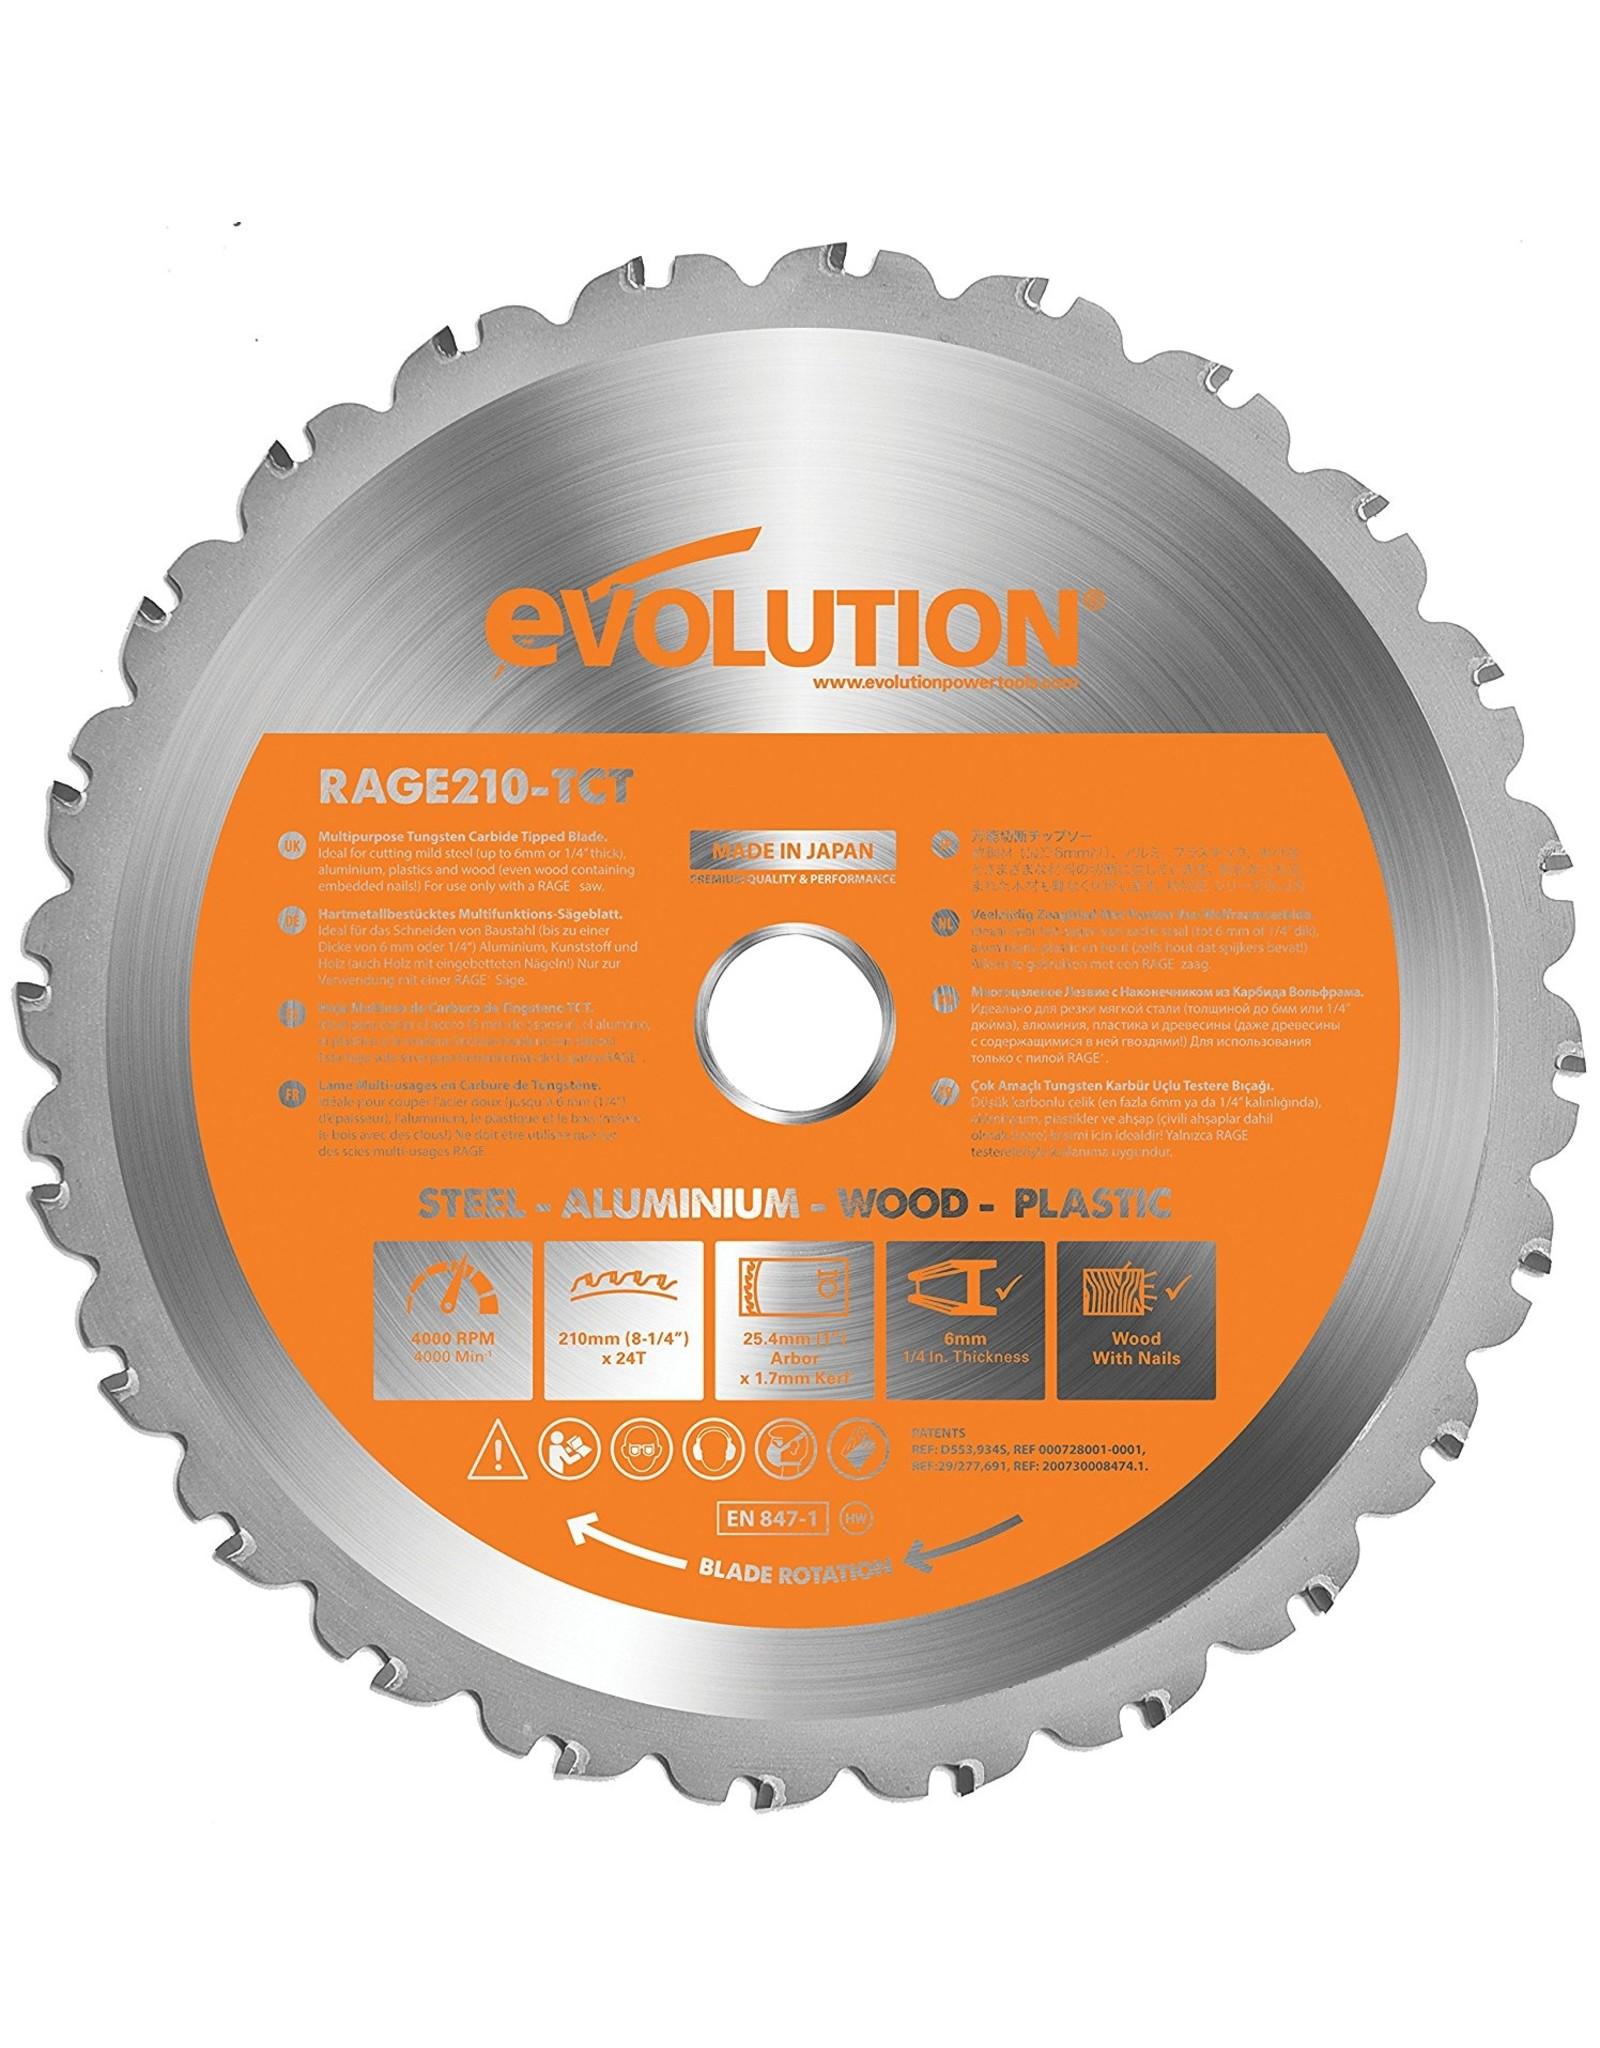 Evolution Power Tools Build Line MULTIFUNCTIONEEL ZAAGBLAD RAGE 210 MM